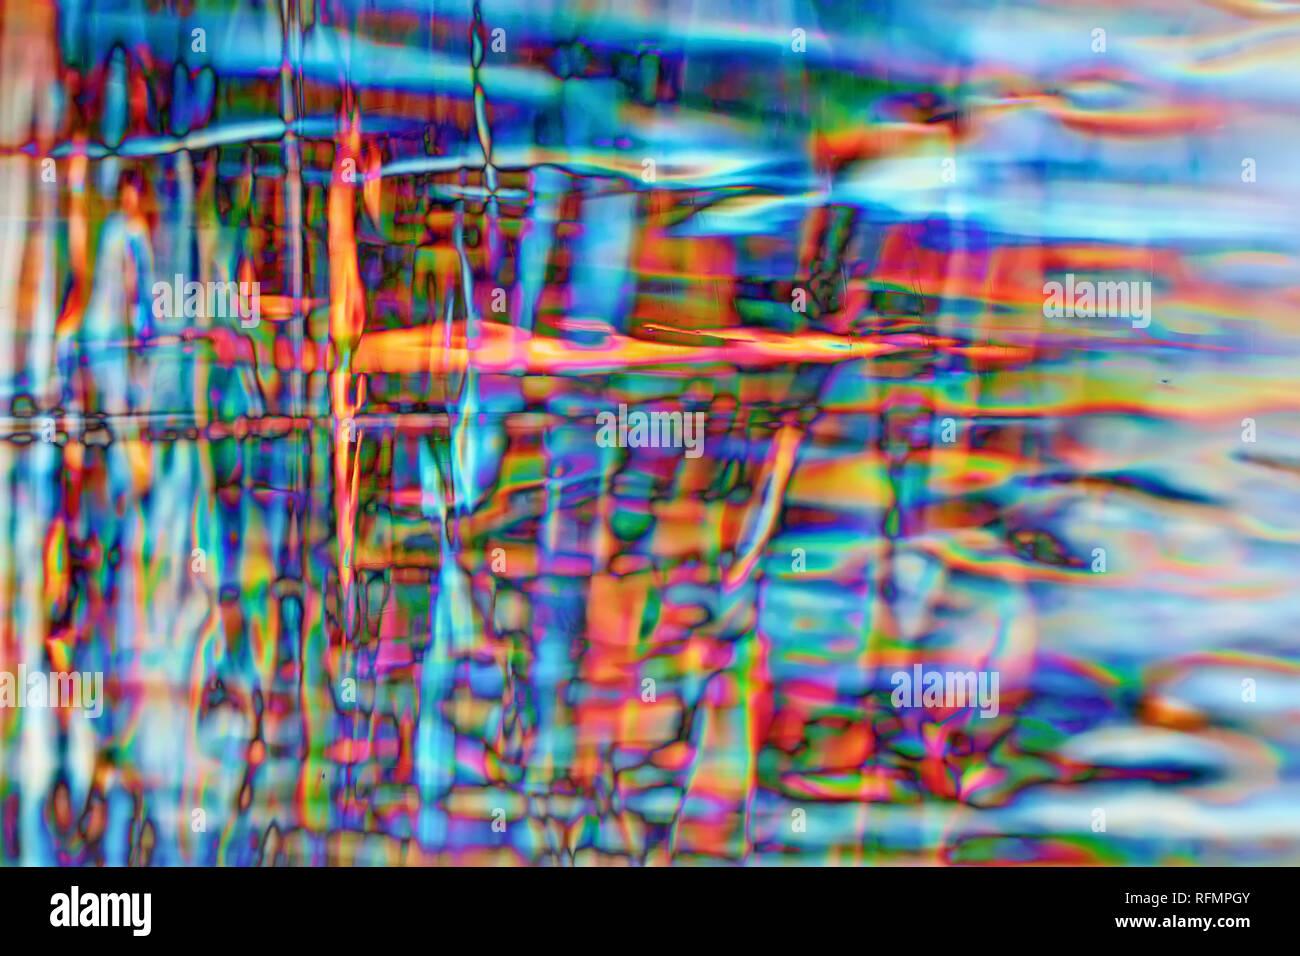 La réfraction colorés dans un bloc de glace Photo Stock